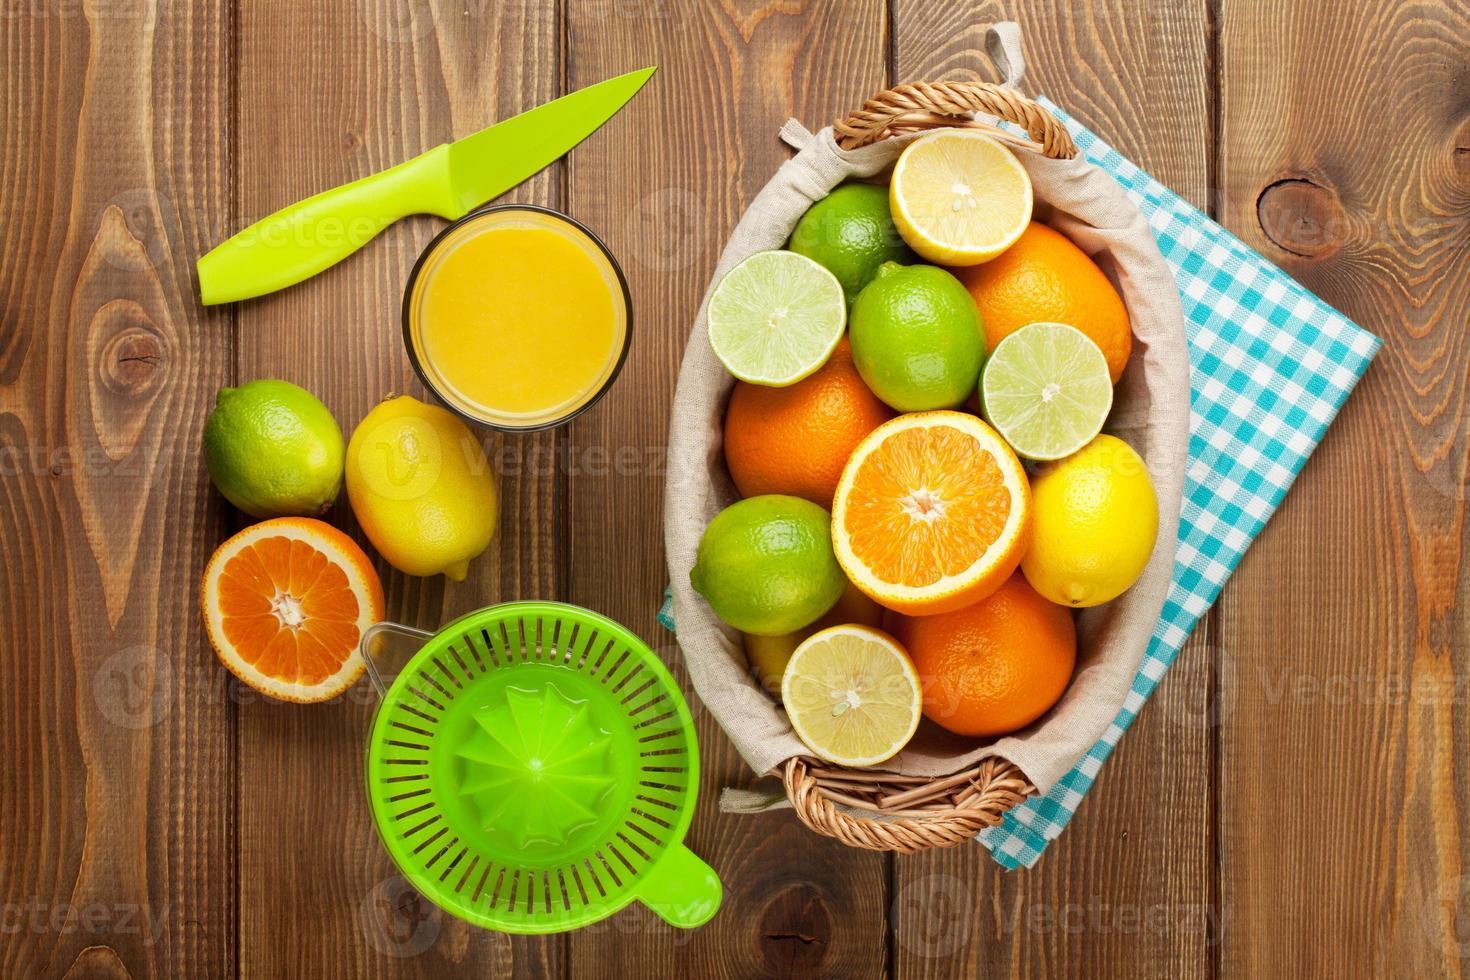 citrusfrukter och glas juice. apelsiner, limefrukter och citroner foto